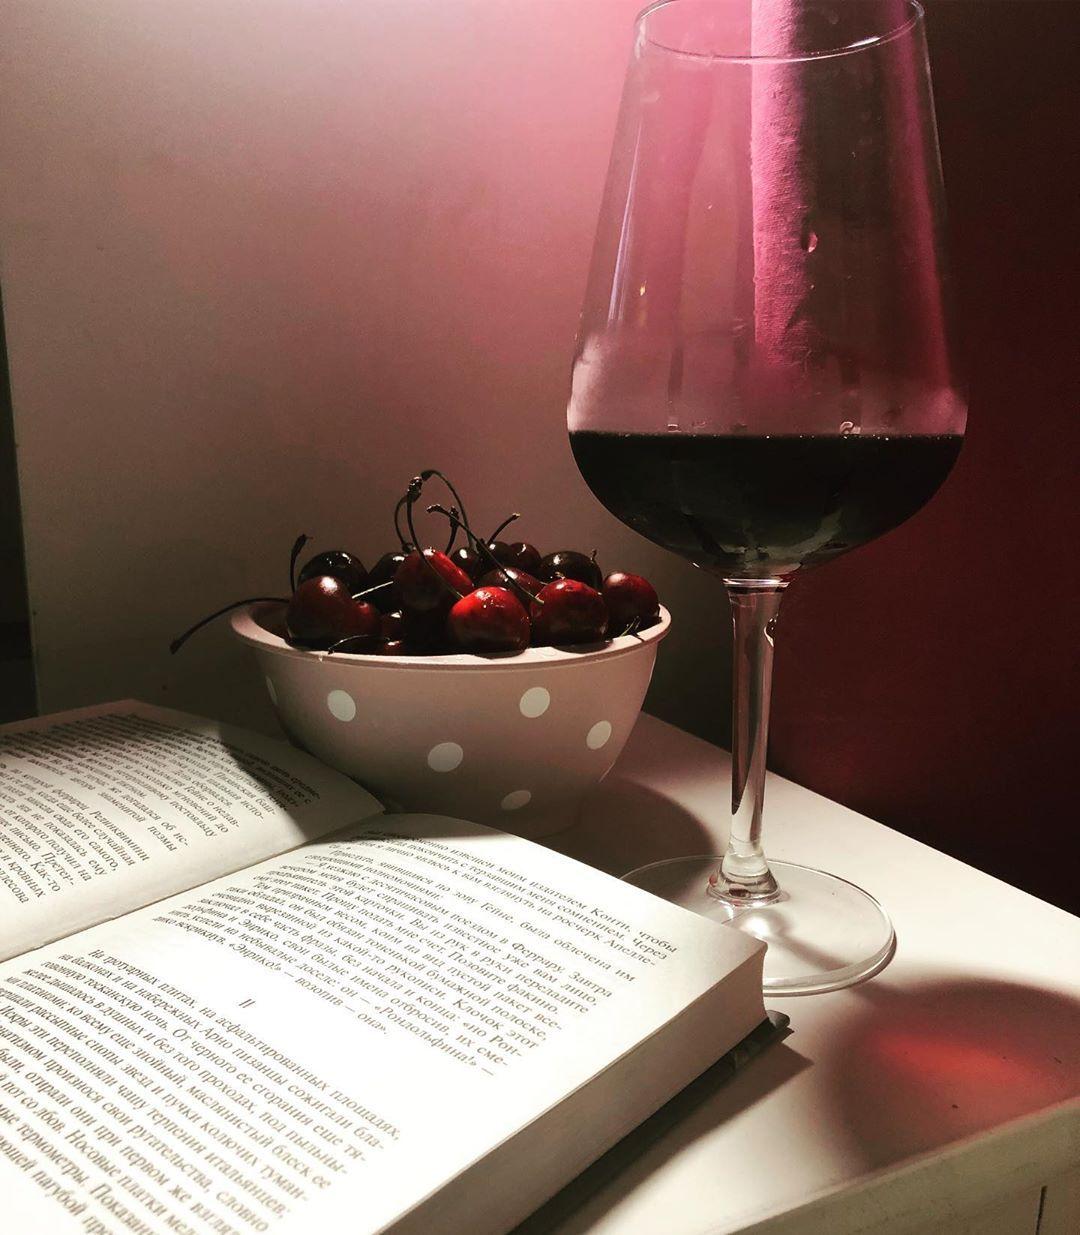 Horoshemu Dnyu Horoshij Konec Kak I Prekrasnoj Vesne Vino Chereshnya Kniga Vecher Cherry Wine Vino Libro Book Bookstagram Cherry Wine Wine Bookstagram